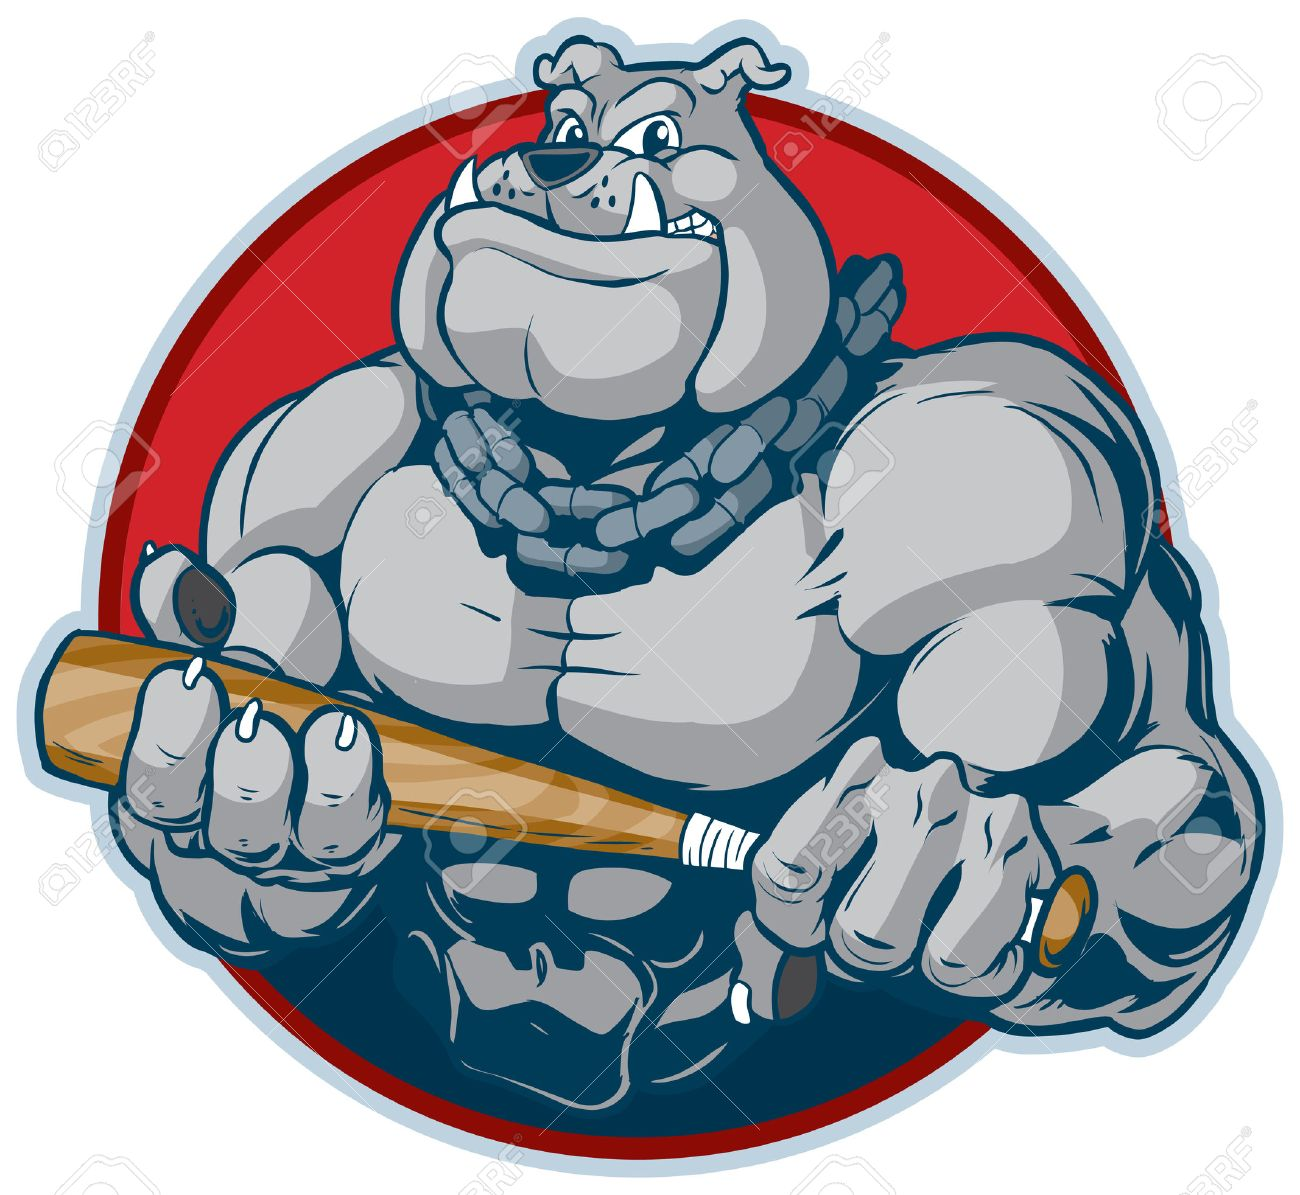 Vector Cartoon Clip Art Illustration Of A Tough Mean Muscular